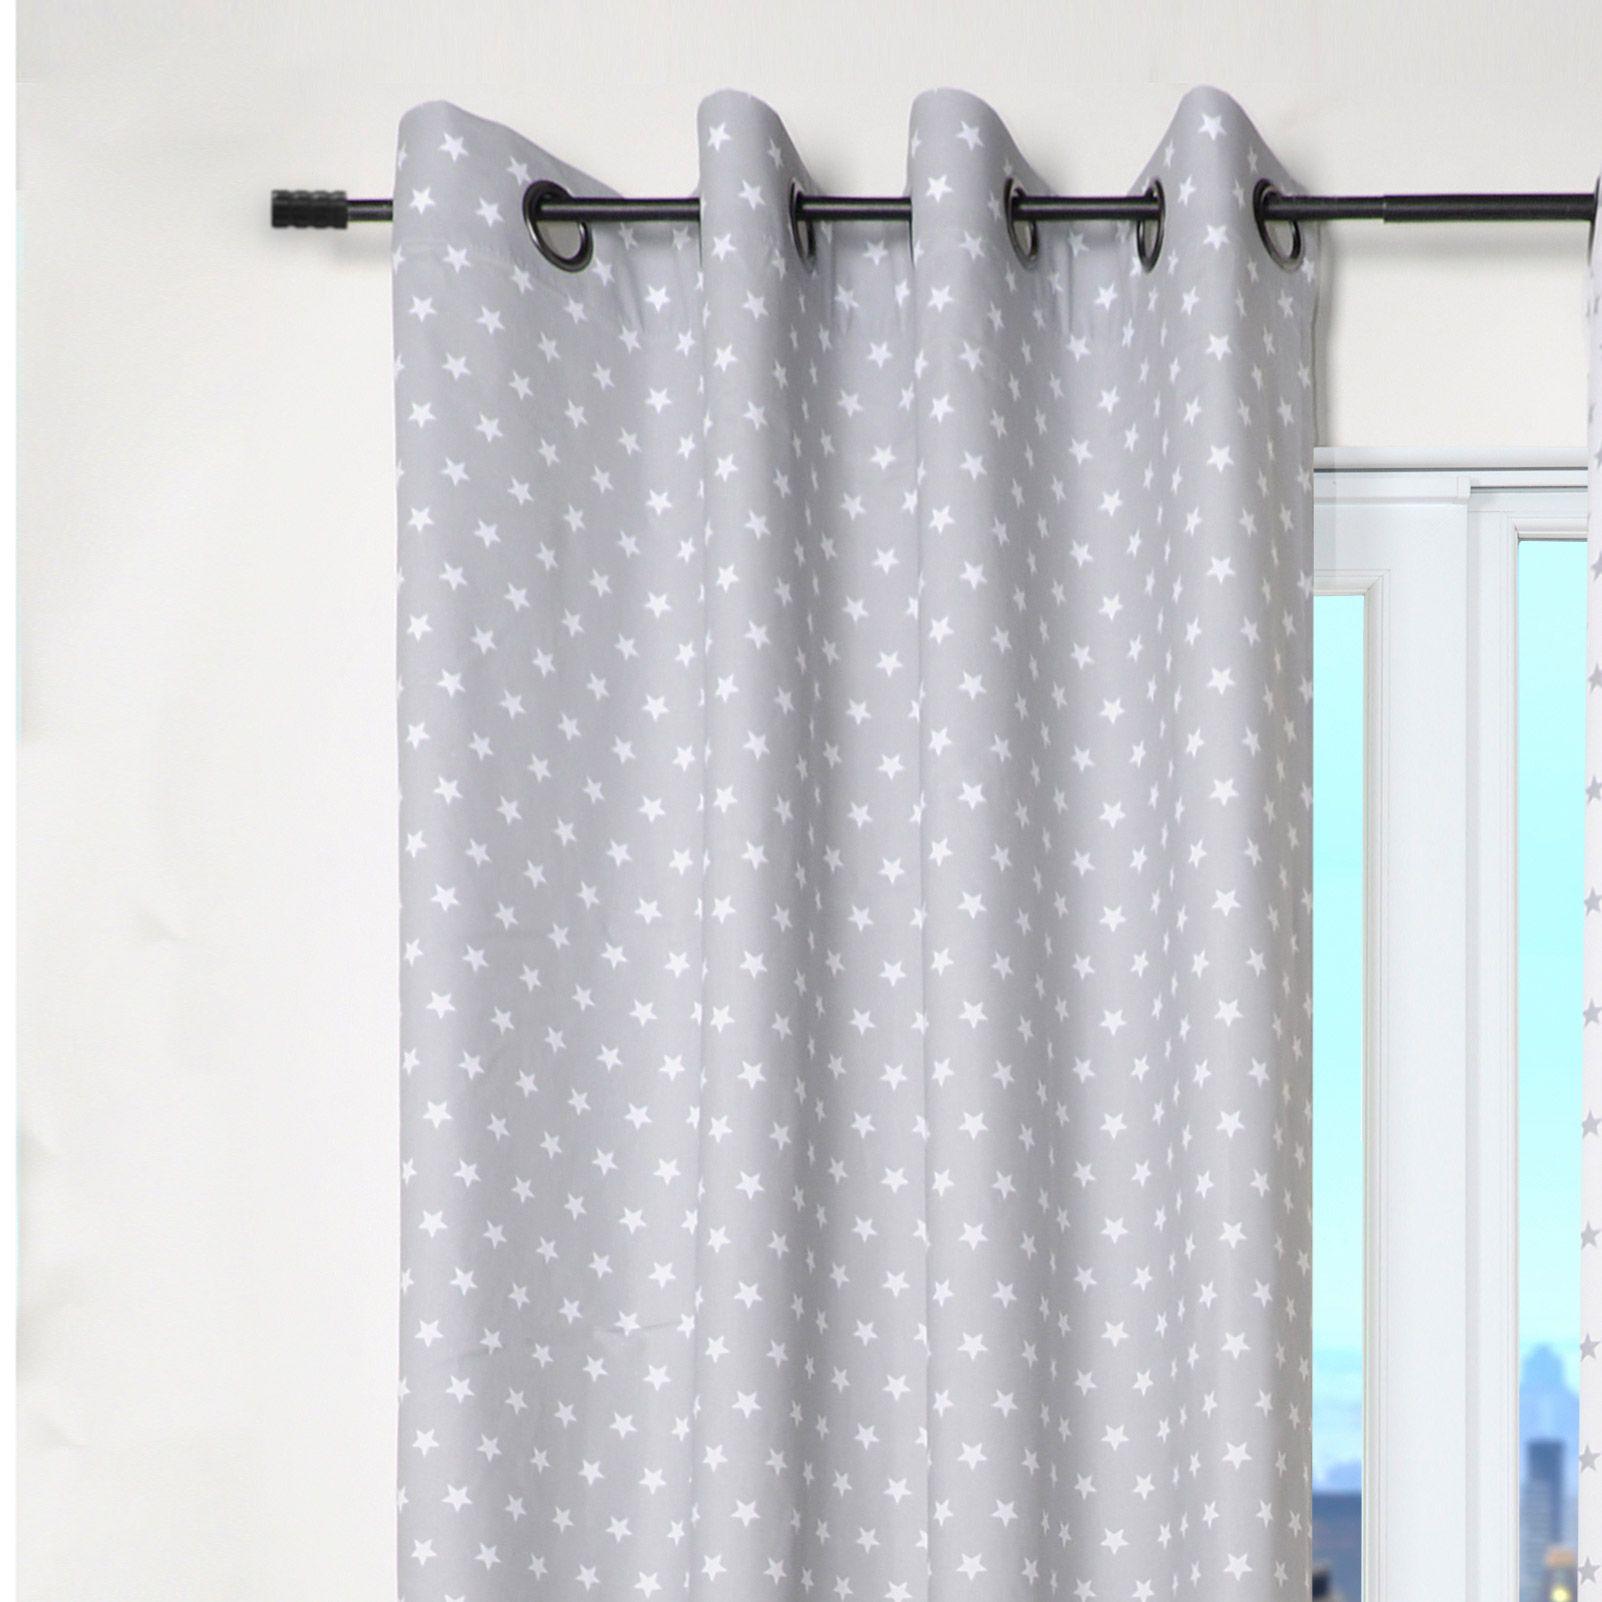 rideau tamisant oeillets 100 coton parement bicolore rayures 135x260cm angele pinterest. Black Bedroom Furniture Sets. Home Design Ideas